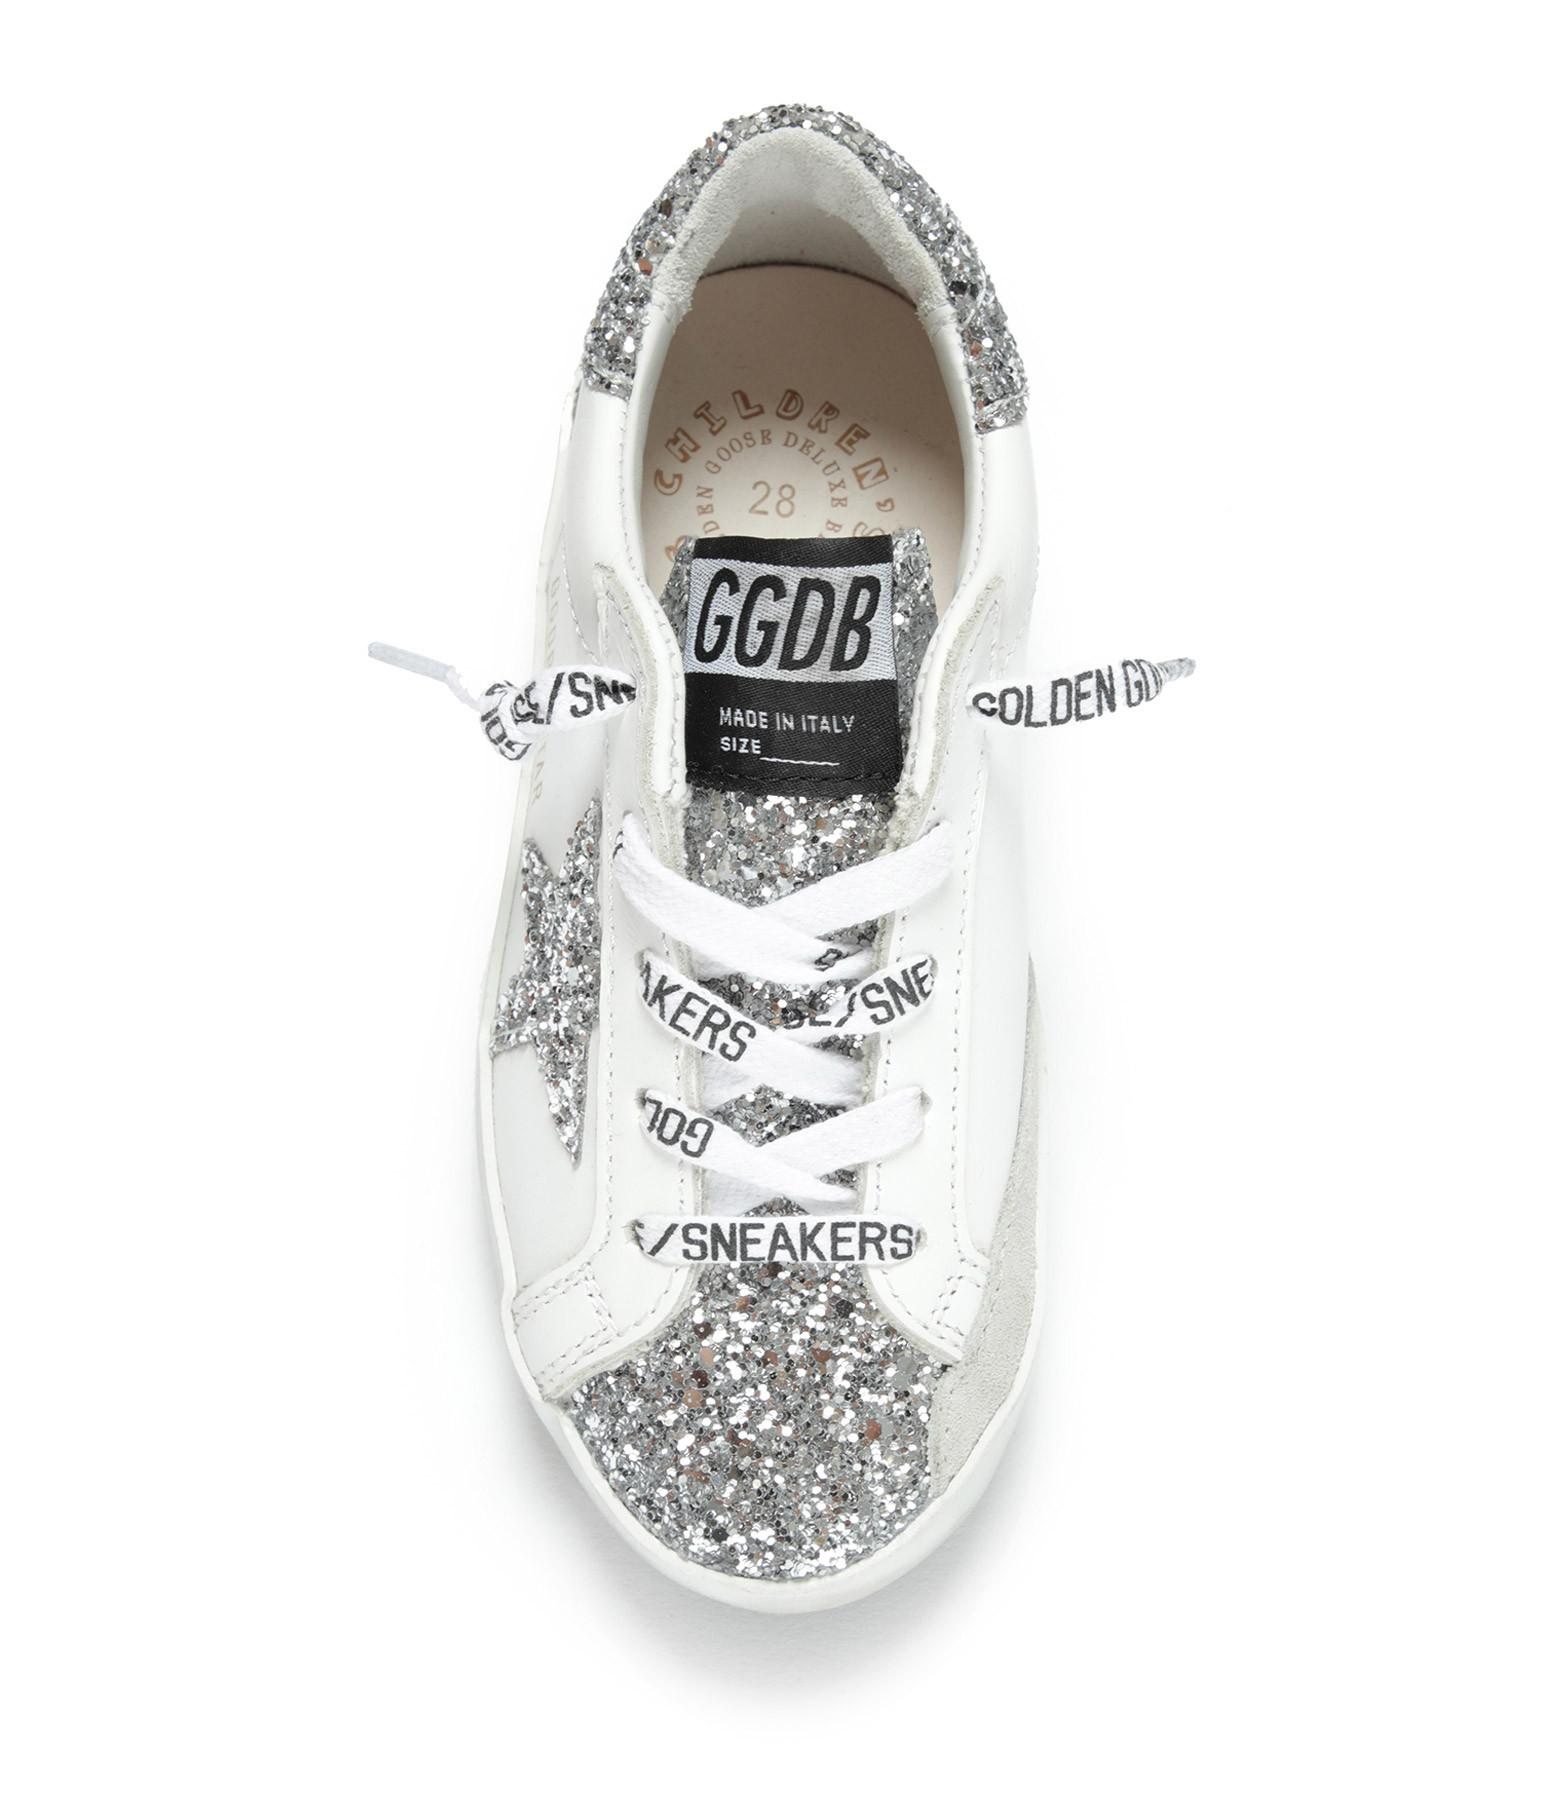 GOLDEN GOOSE - Baskets Enfant Superstar Cuir Glitter Blanc